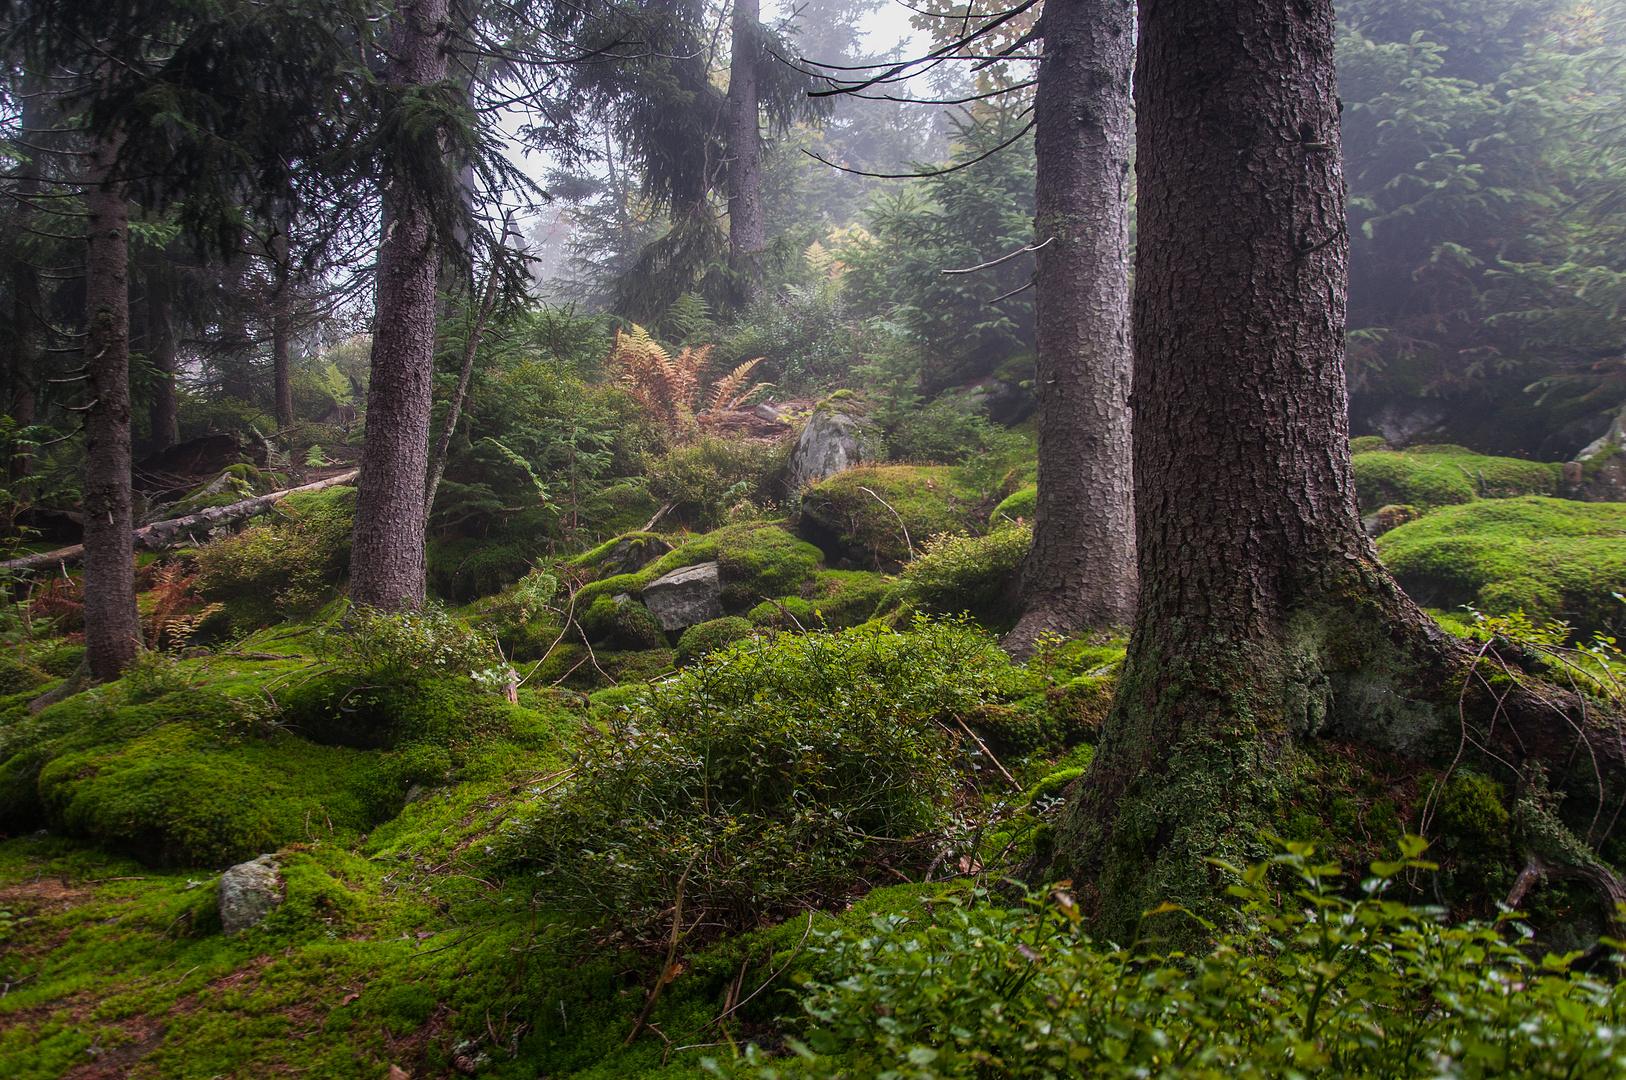 Verborgen im Wald